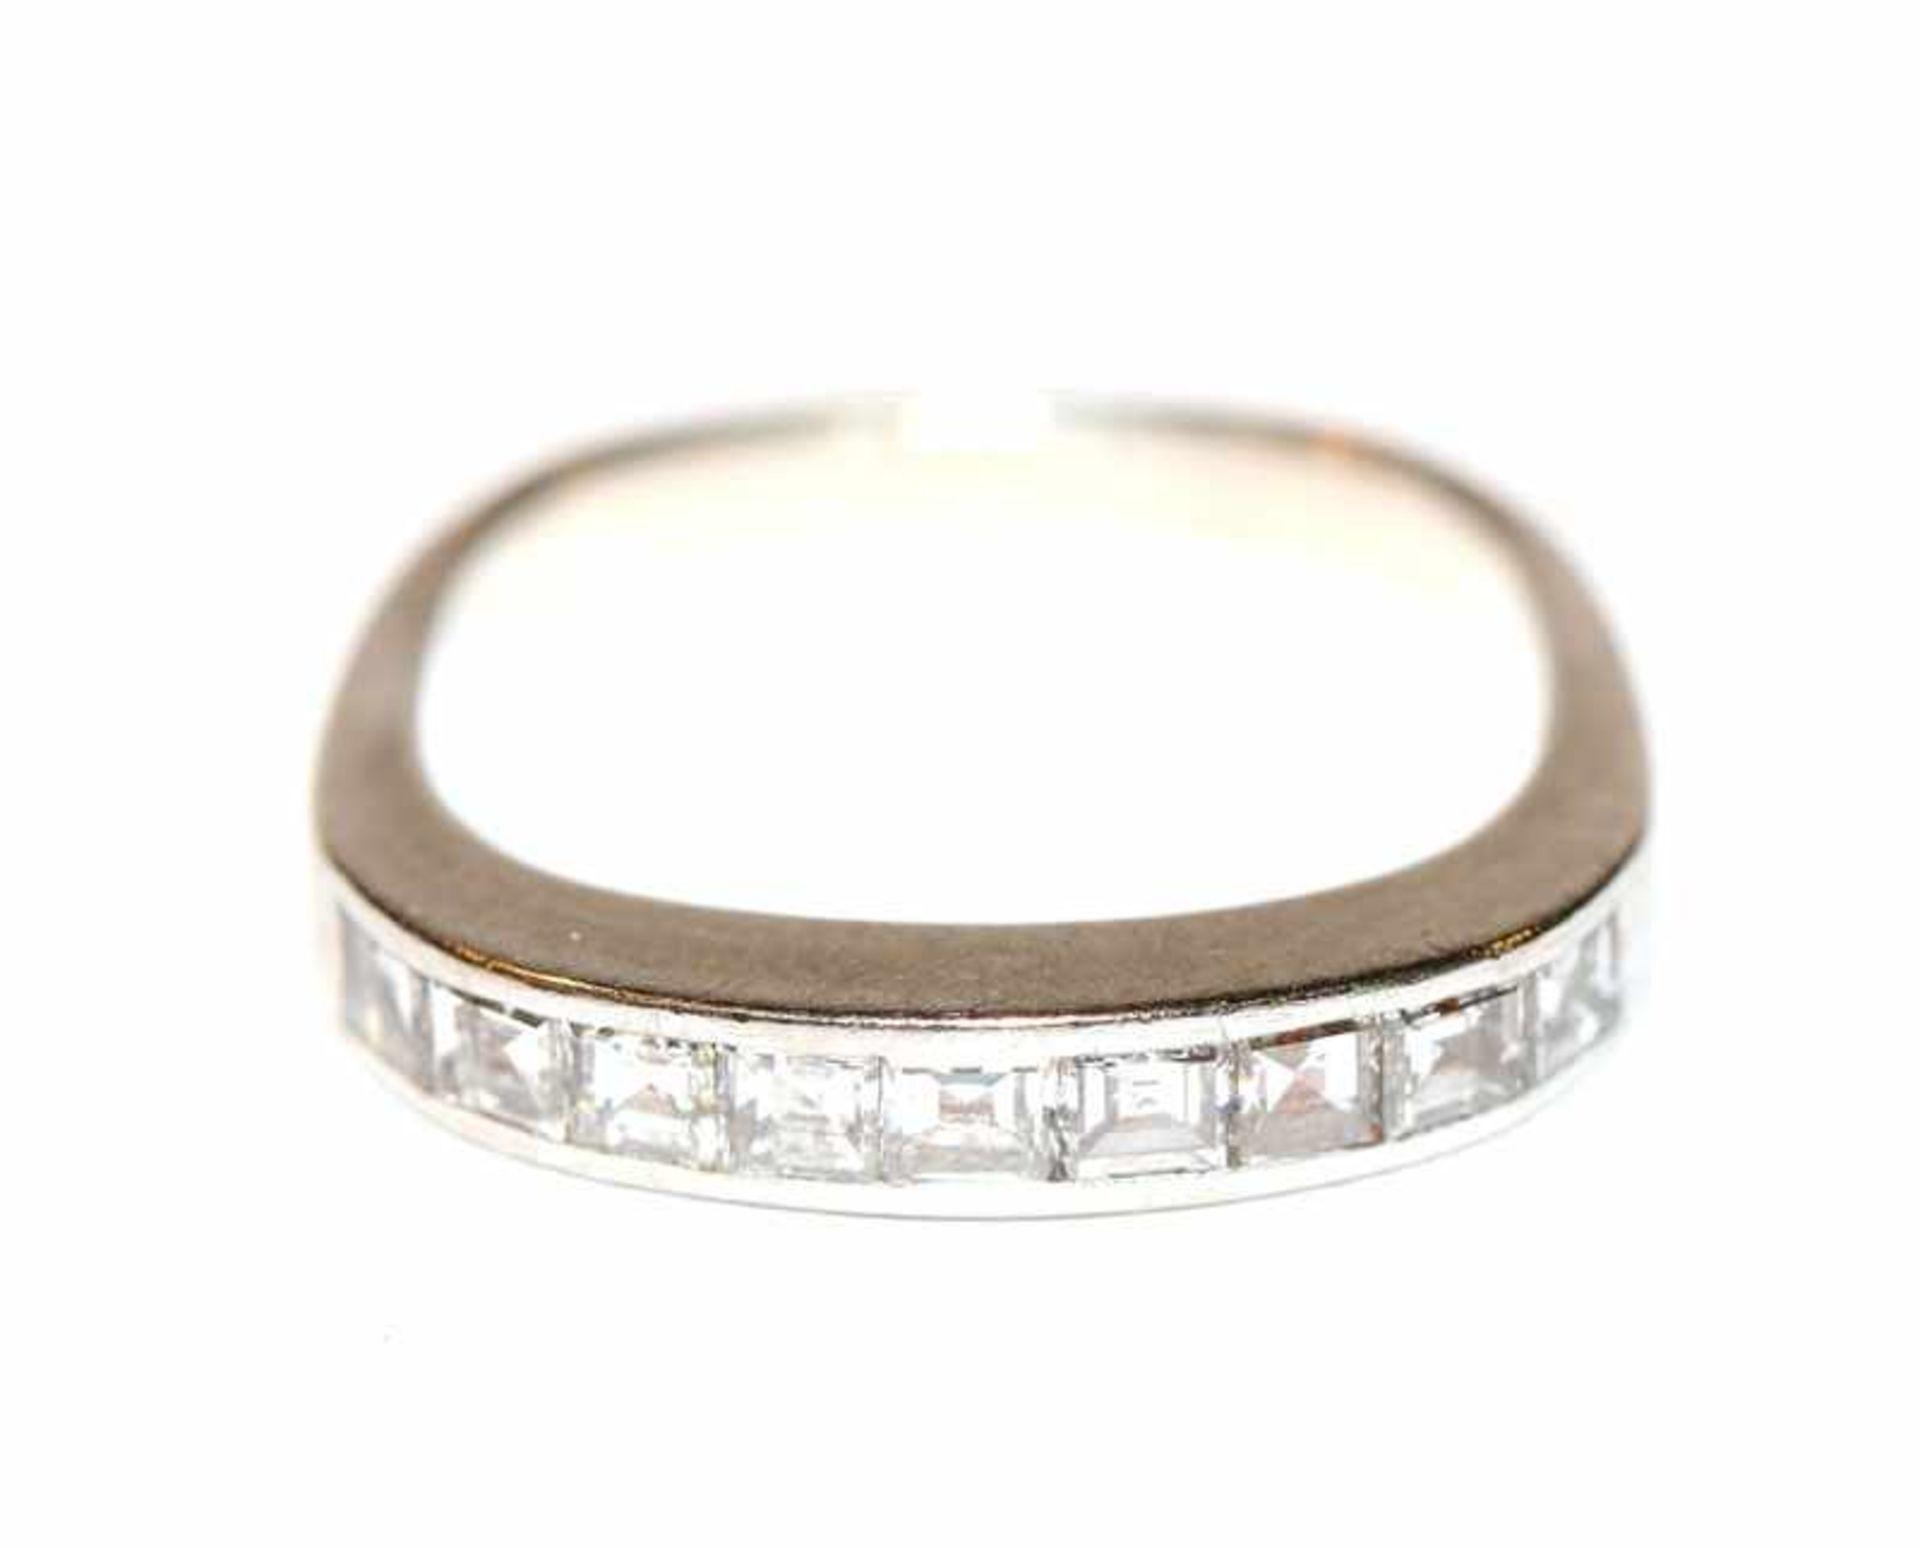 Los 36 - 18 k Weißgold Ring mit 9 Baguett-Diamanten, zus. ca. 0,80 ct., Gr. 53